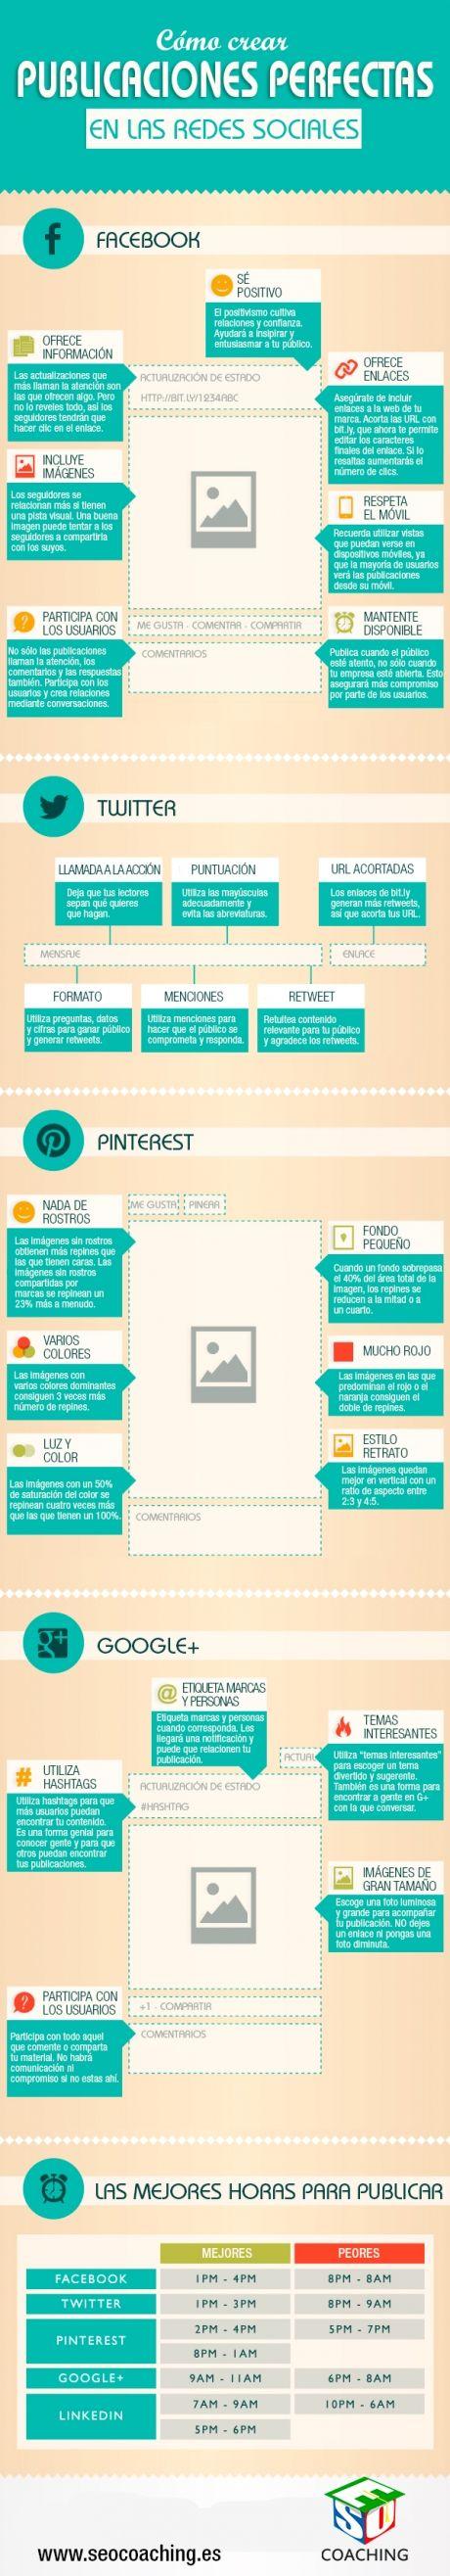 Cómo crear #publicaciones perfecta en las #redessociales.